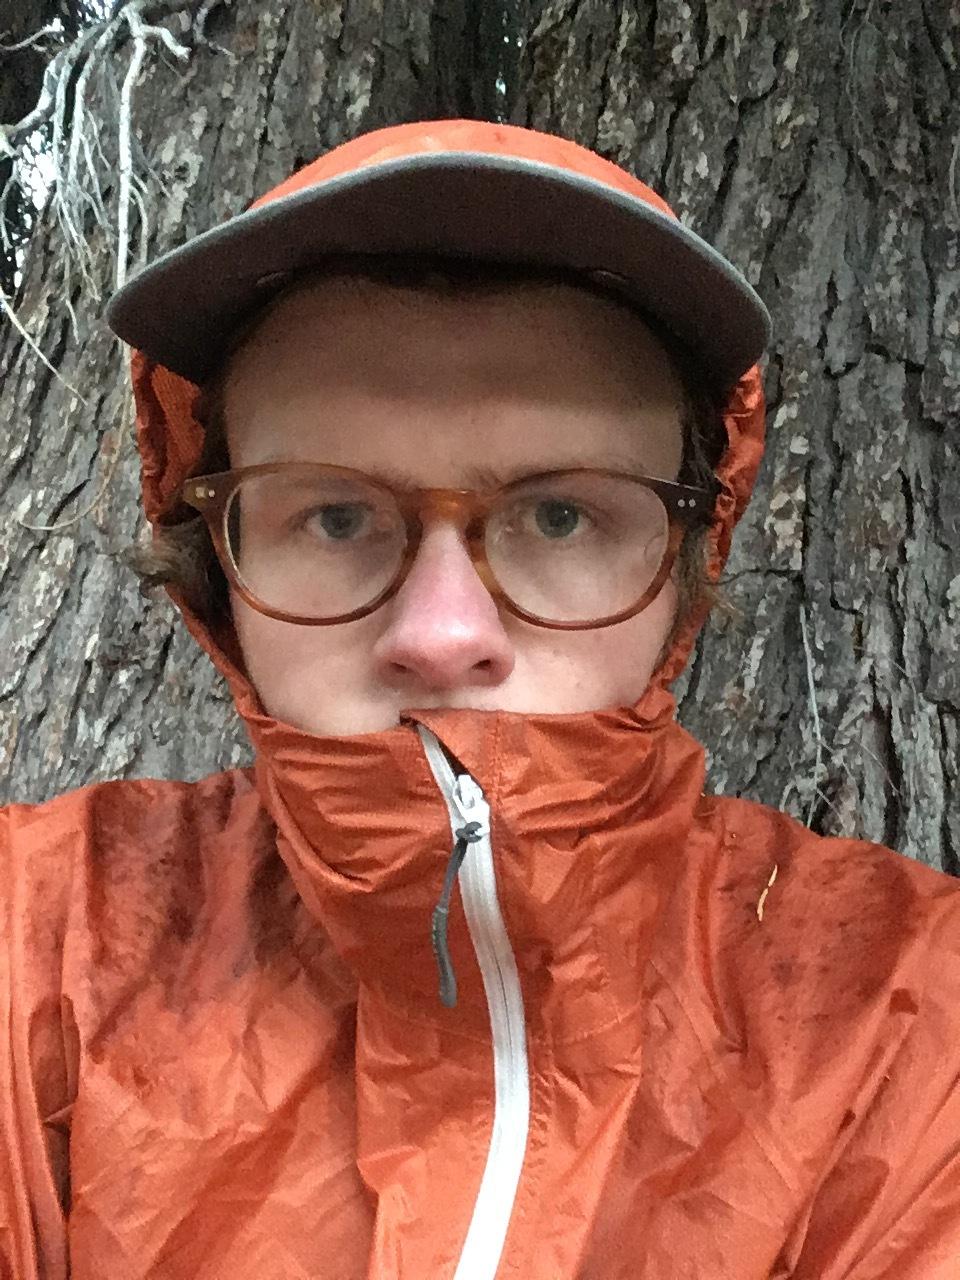 Hiking is so fun.